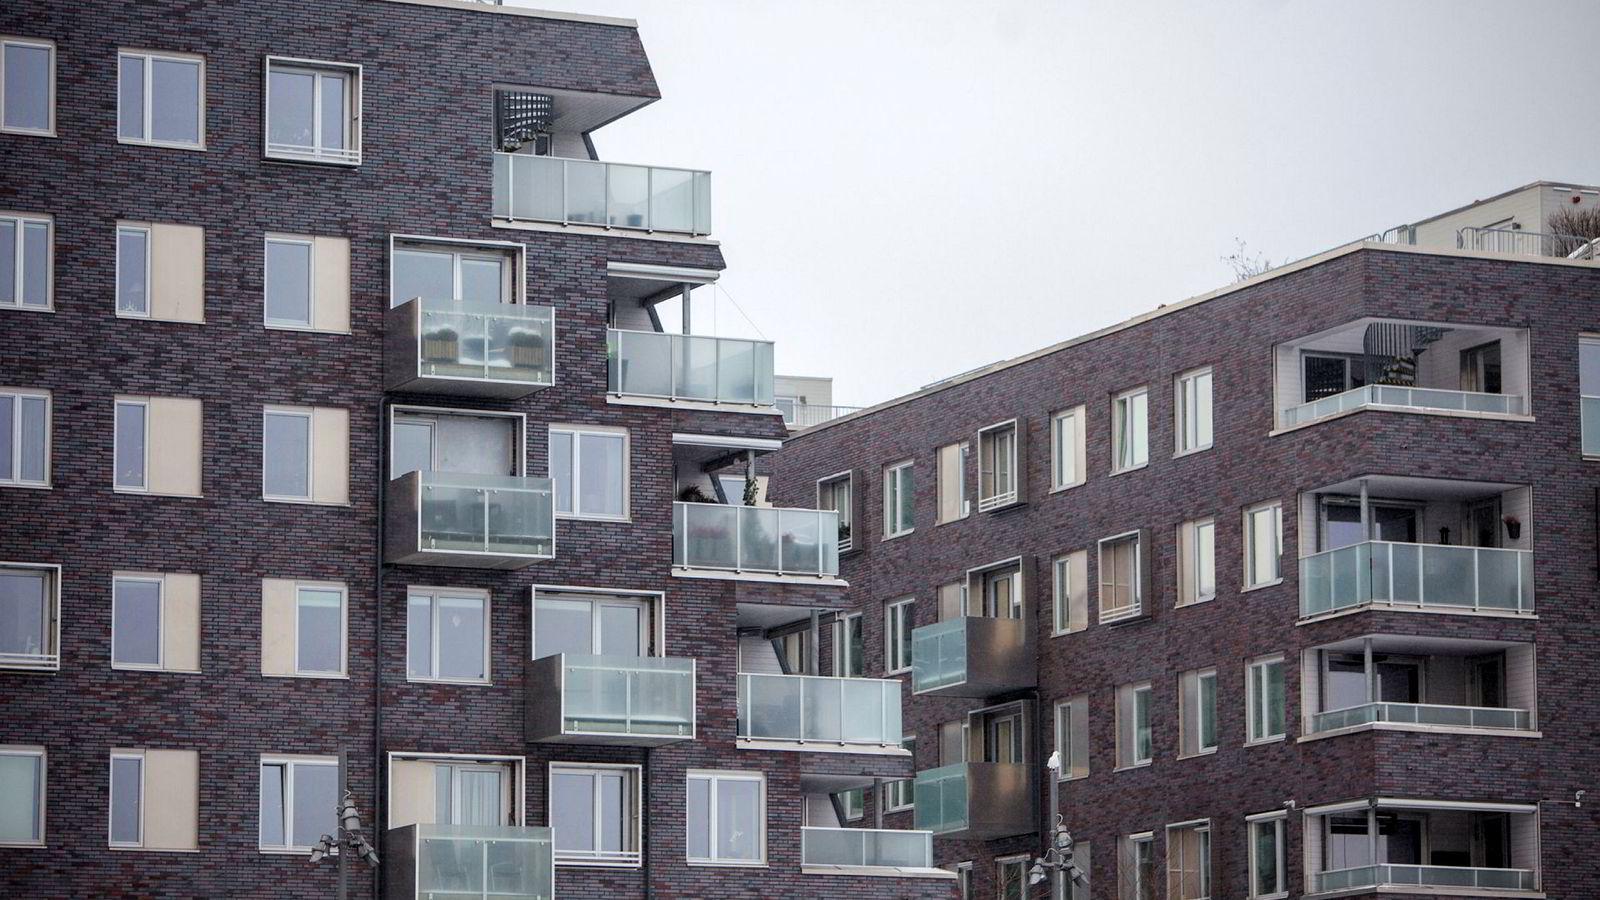 Boliglån utgjør den største gjelden til norske husholdninger. Illustrasjonsfoto fra Sørenga, Oslo.